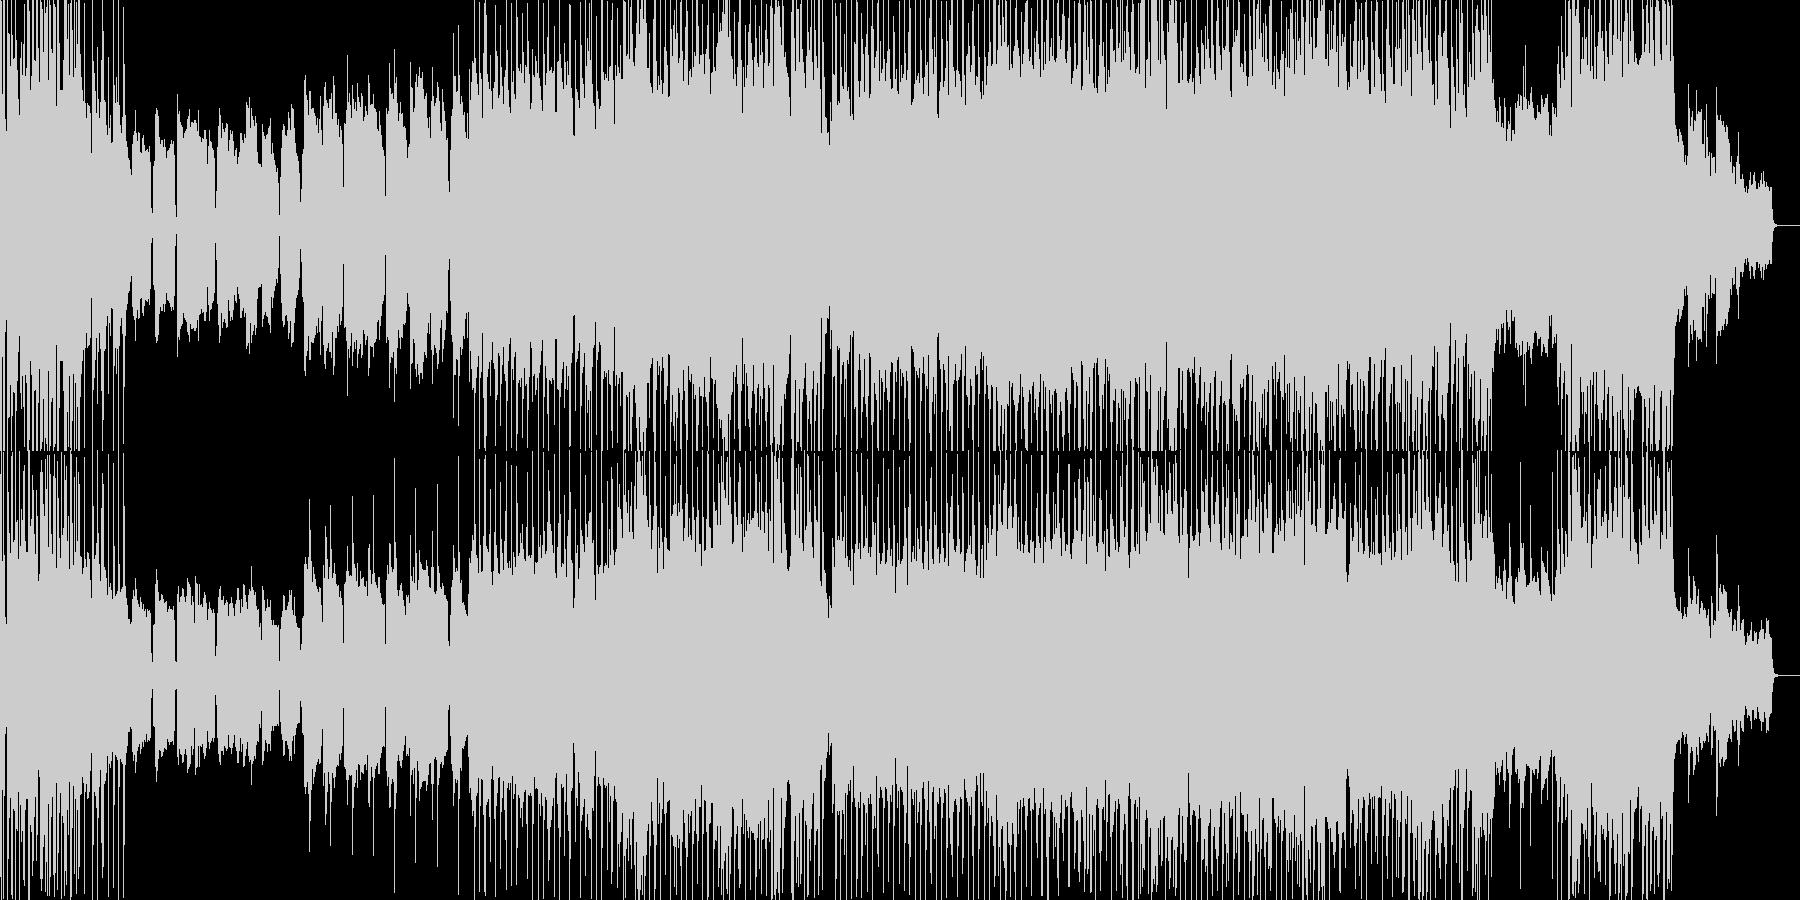 ゆるやかメロディのバラードの未再生の波形